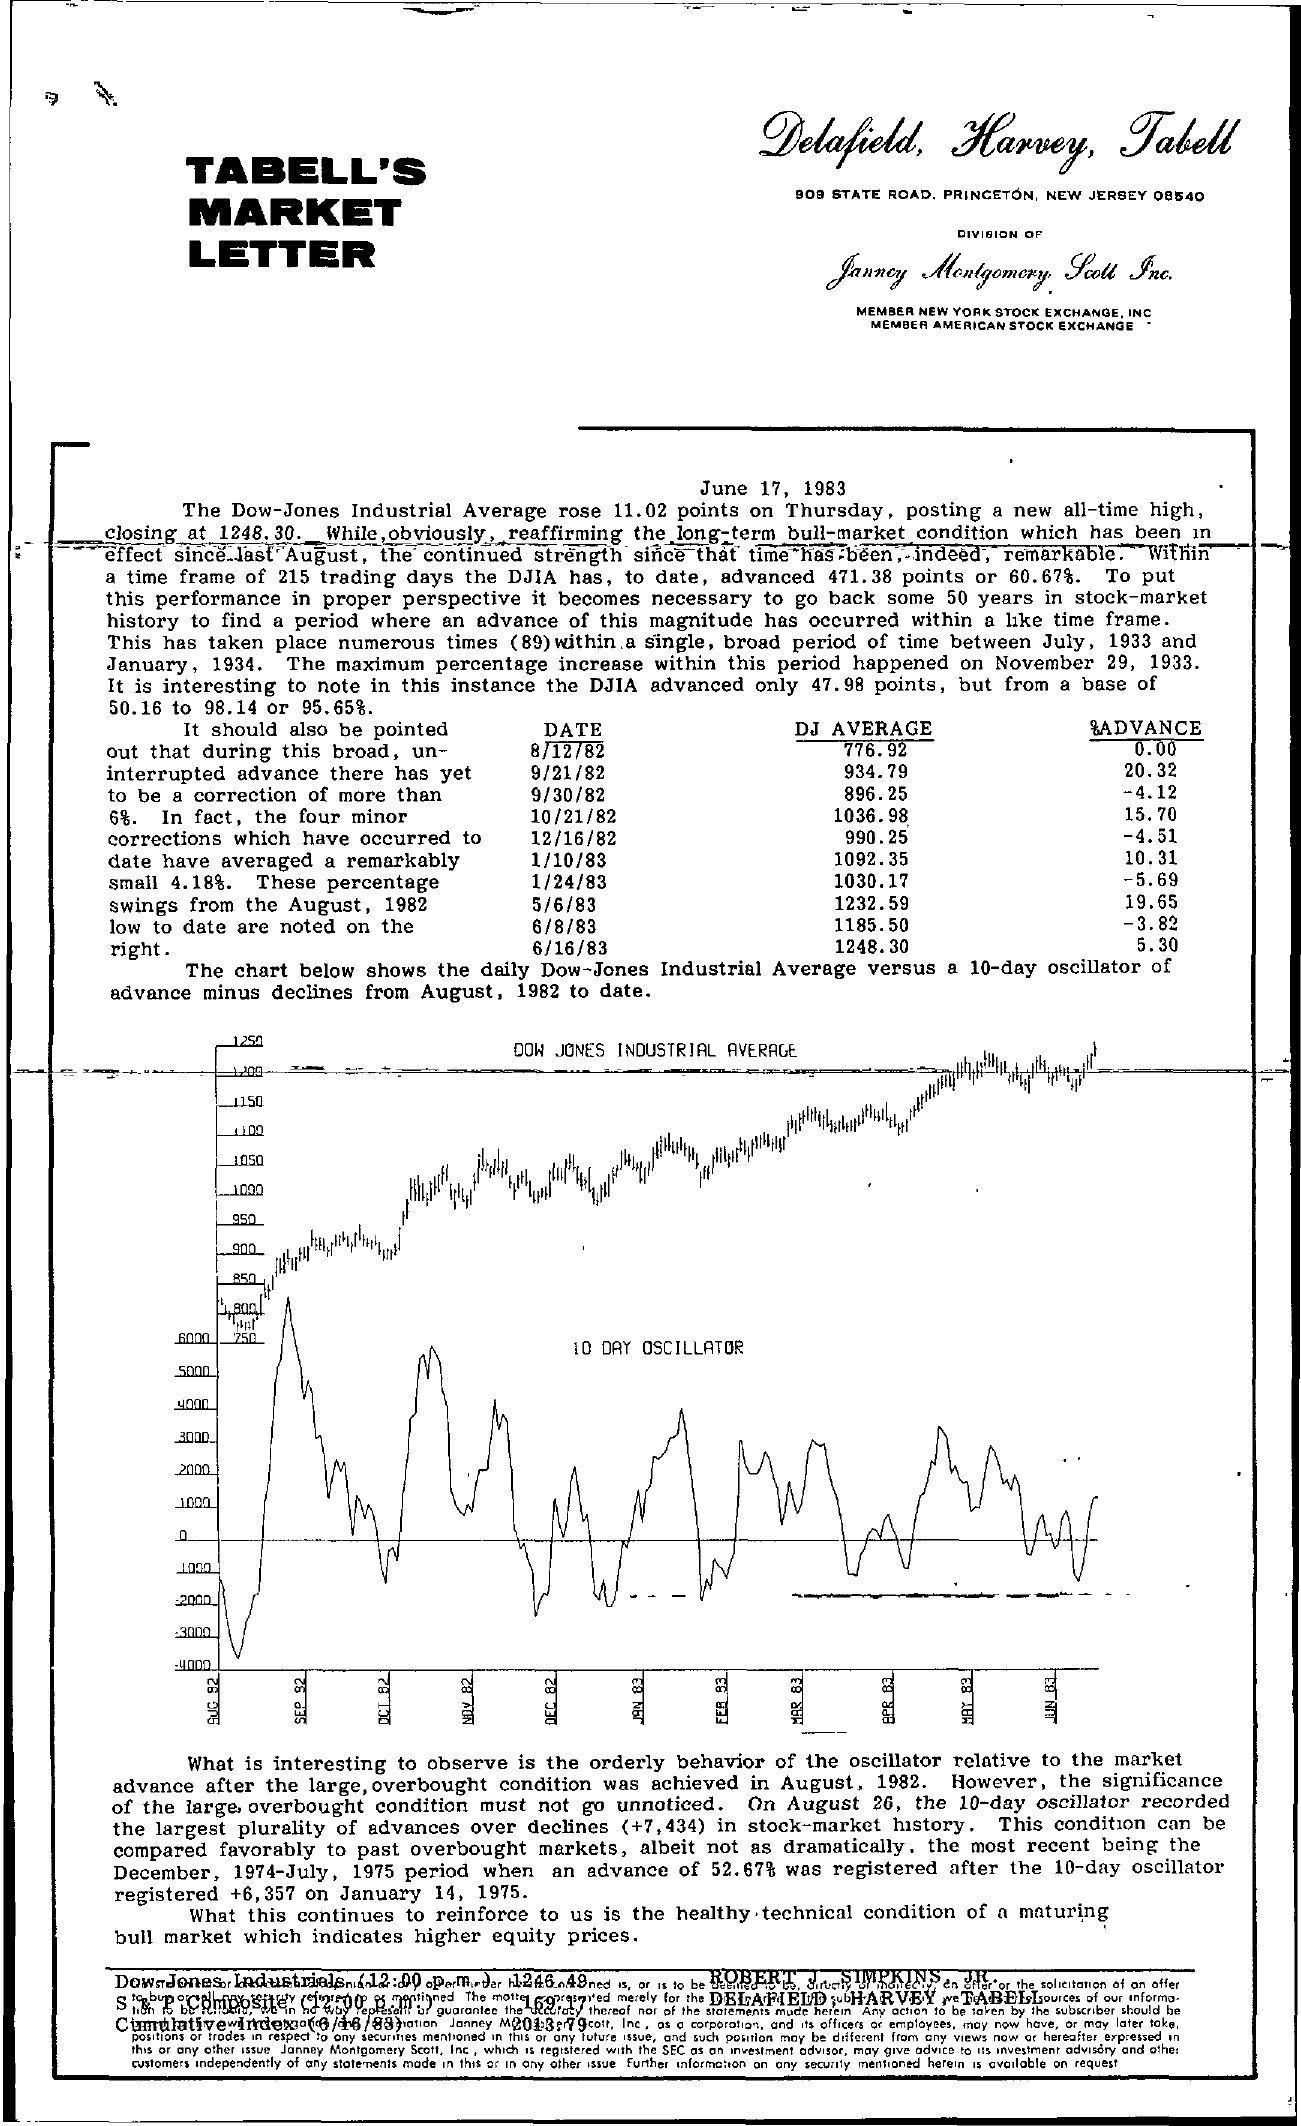 Tabell's Market Letter - June 17, 1983